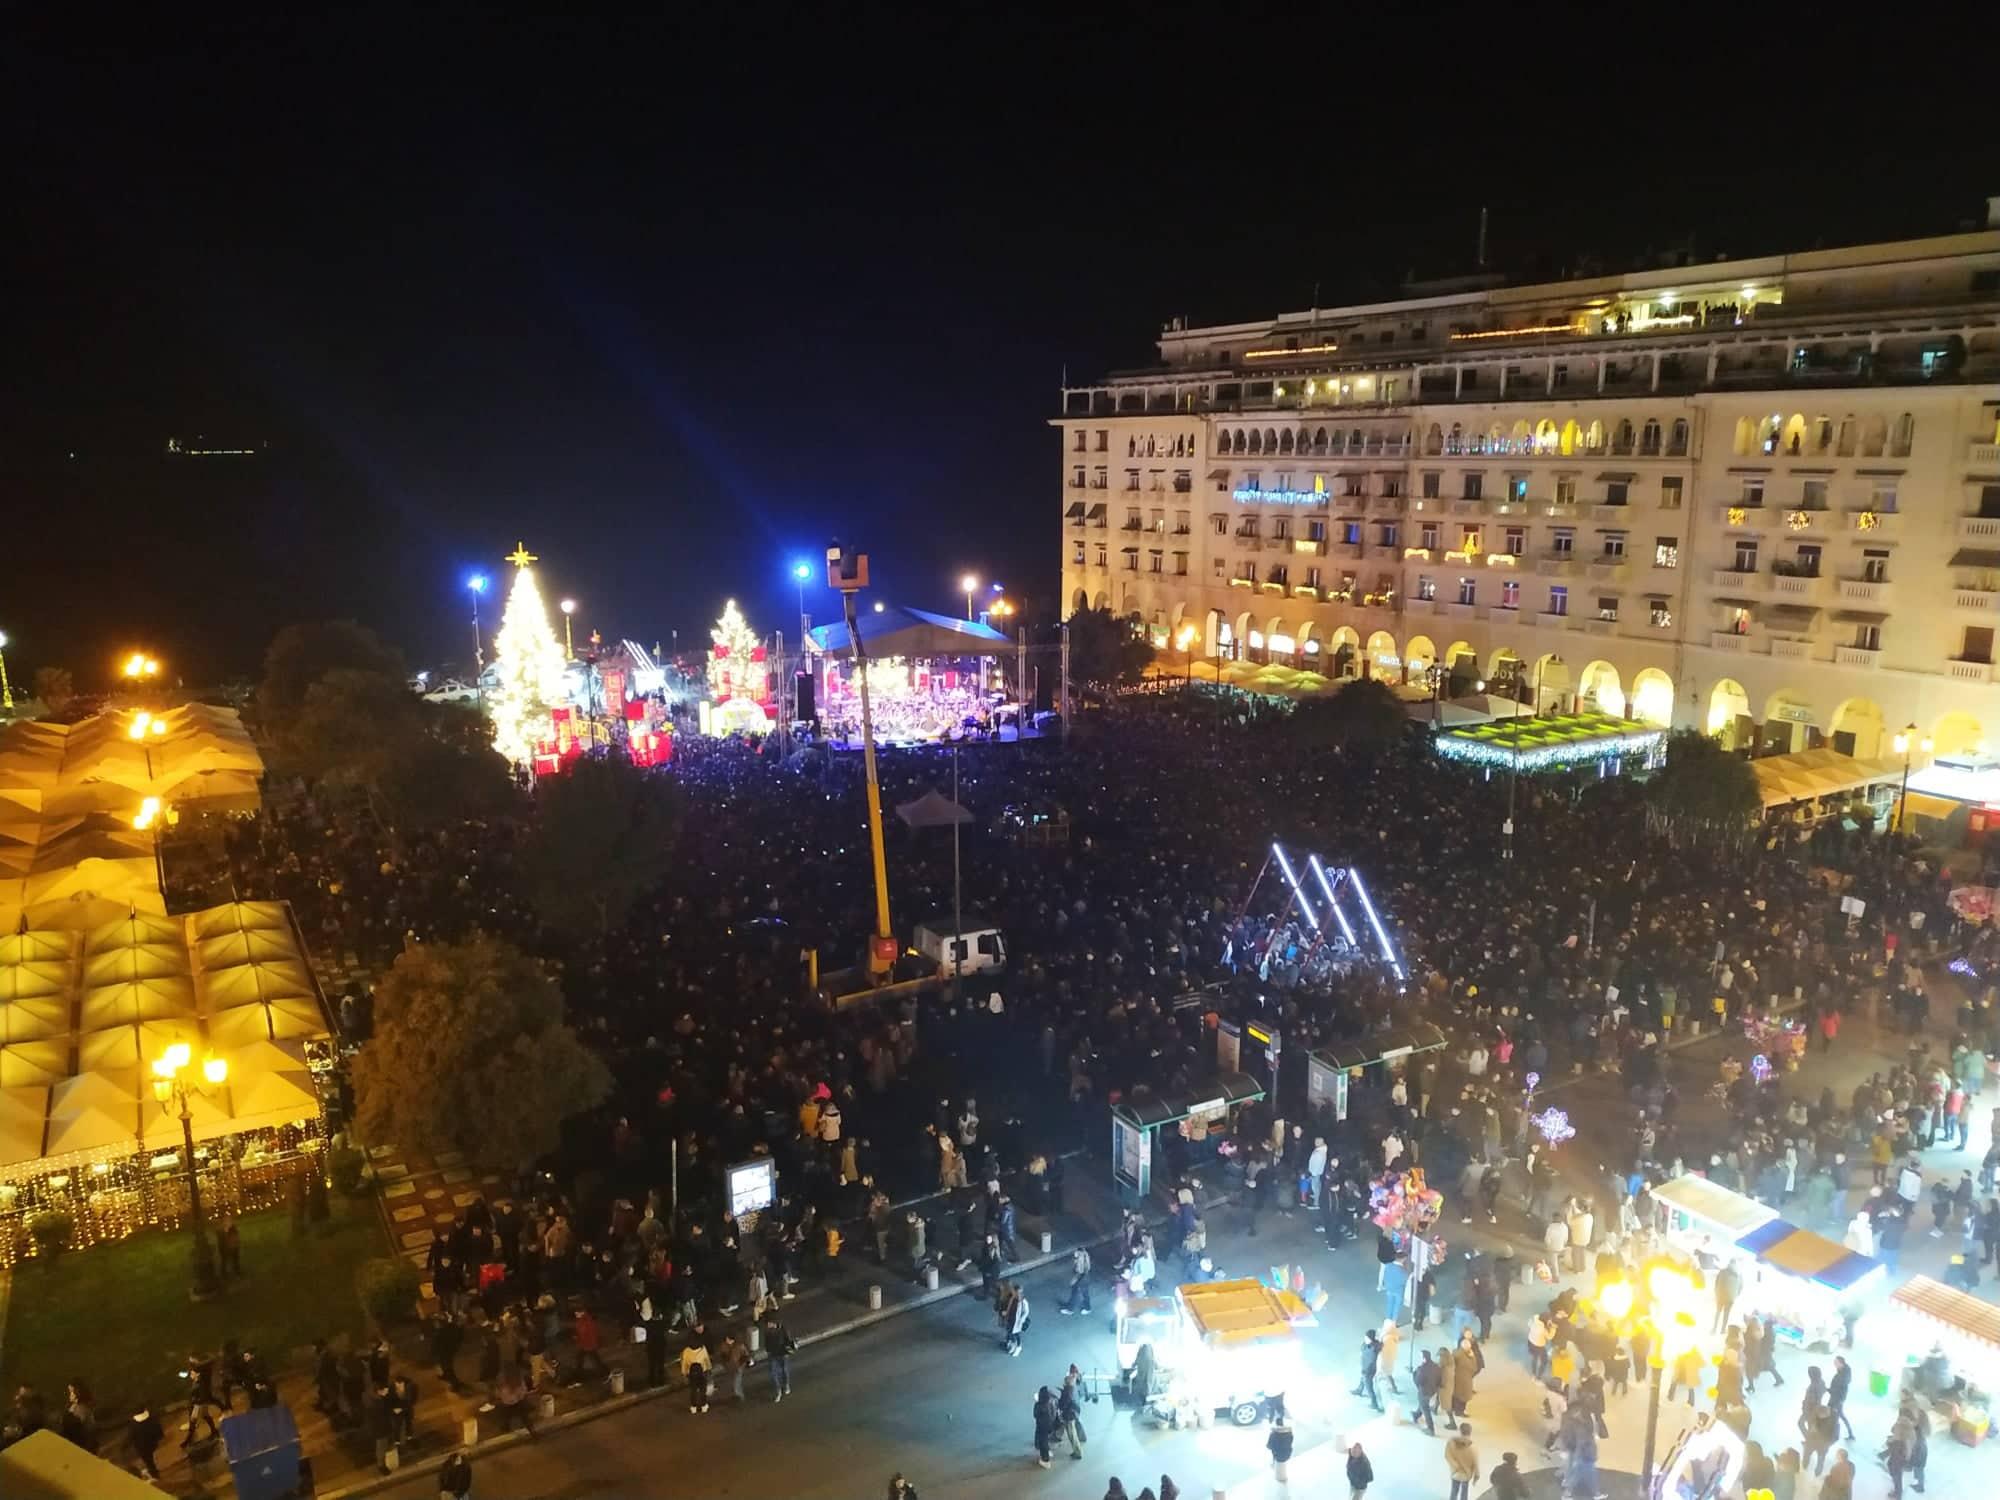 Επτά προσαγωγές για… μπαλόνια στη Θεσσαλονίκη